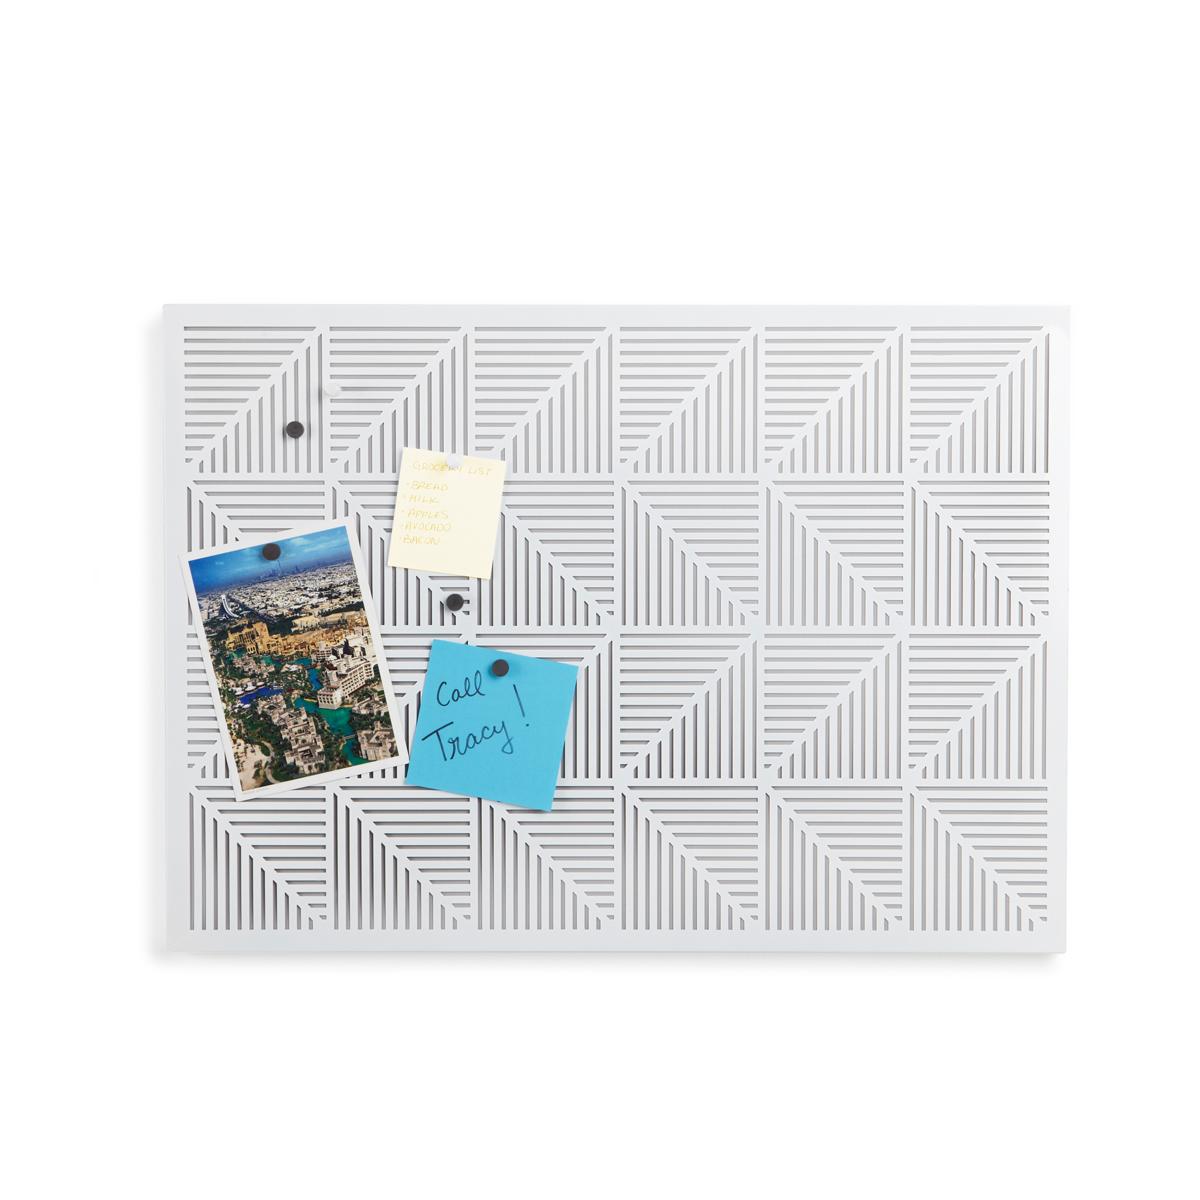 Украшение на стену Umbra Trigon, цвет: белый300158_белый, коричневыйСтрогие геометрические формы не ограничивают воображение, а наоборот, вдохновляют на творчество и создание неповторимых интерьеров. Металлические узоры на этой доске не только складываются в интересную картинку, но и удобны для использования с магнитами и кнопками. Повесьте ее горизонтально или вертикально и крепите фотографии, записки, рисунки и напоминалки. В наборе 12 кнопок и 12 магнитов. Отличный декор для офиса и кабинета.